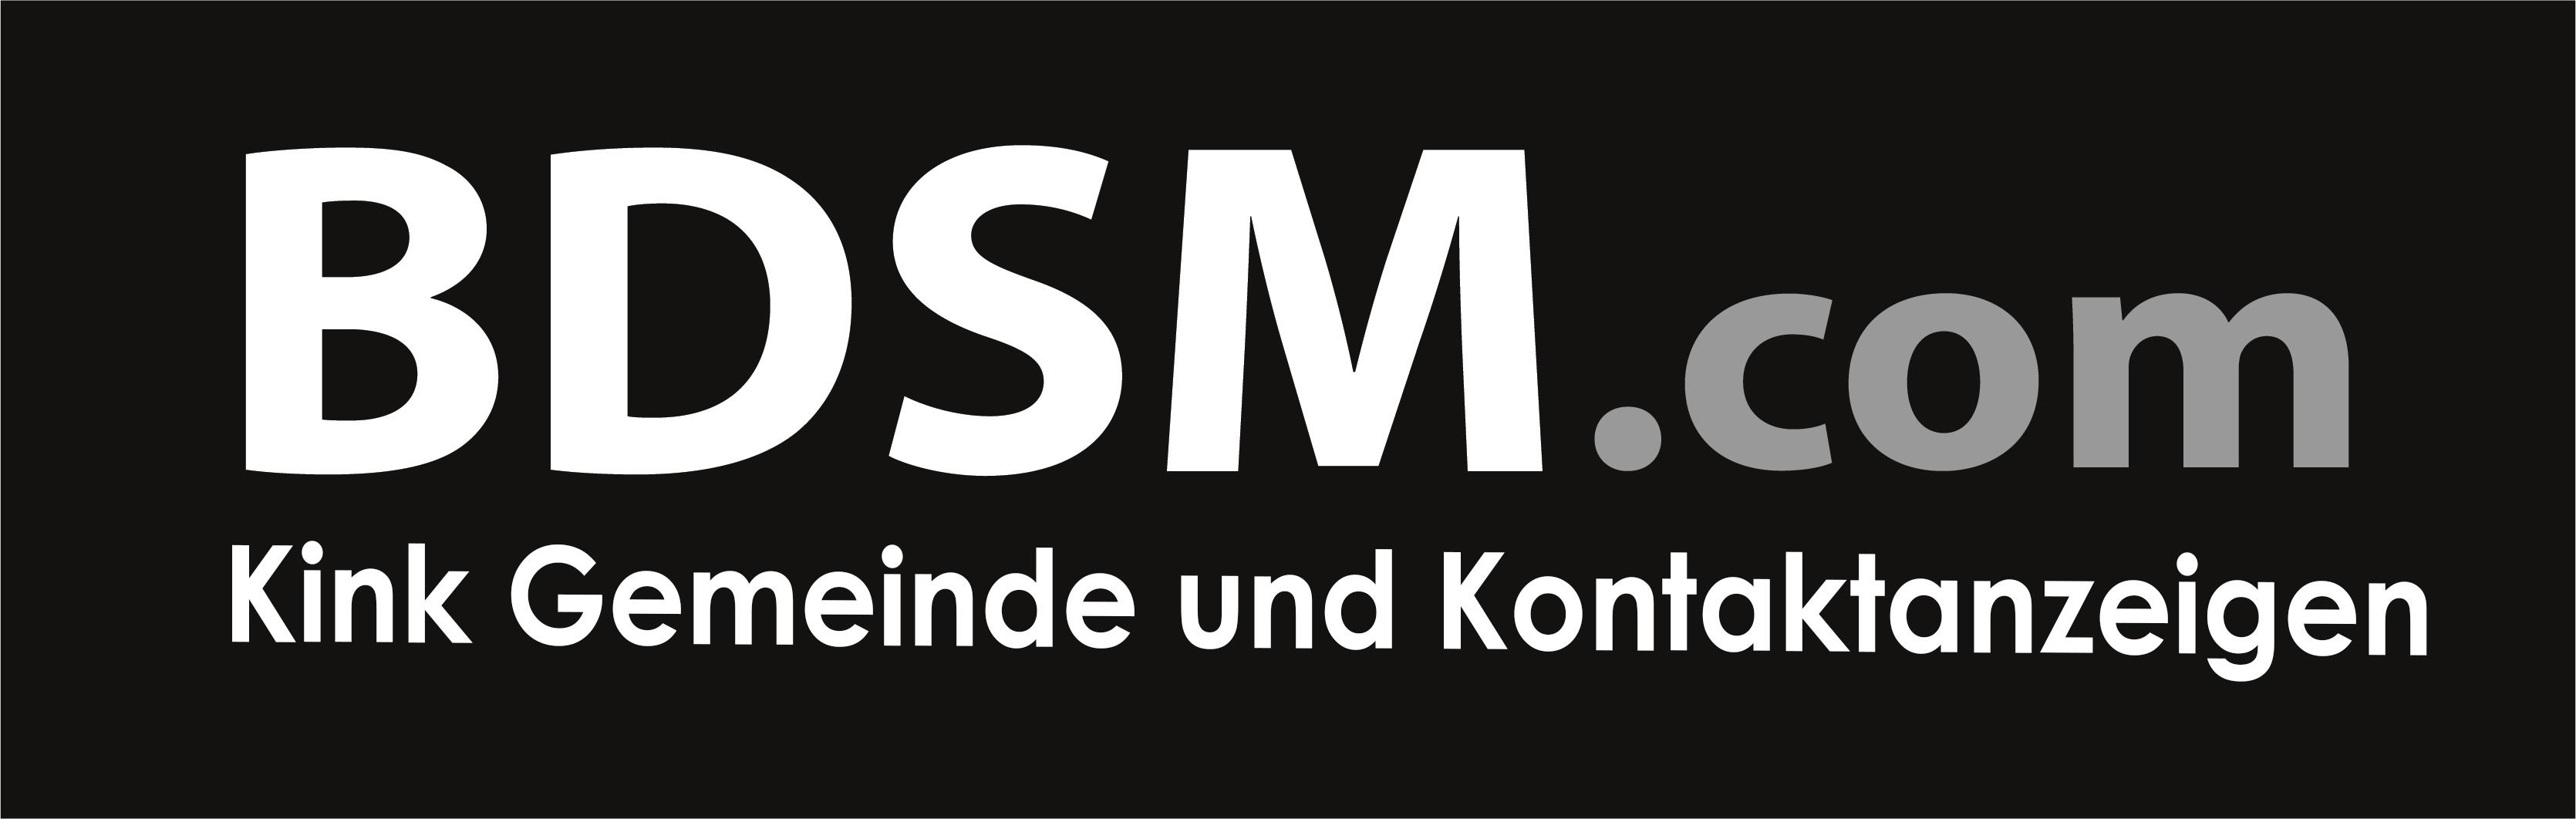 BDSM.com im Test